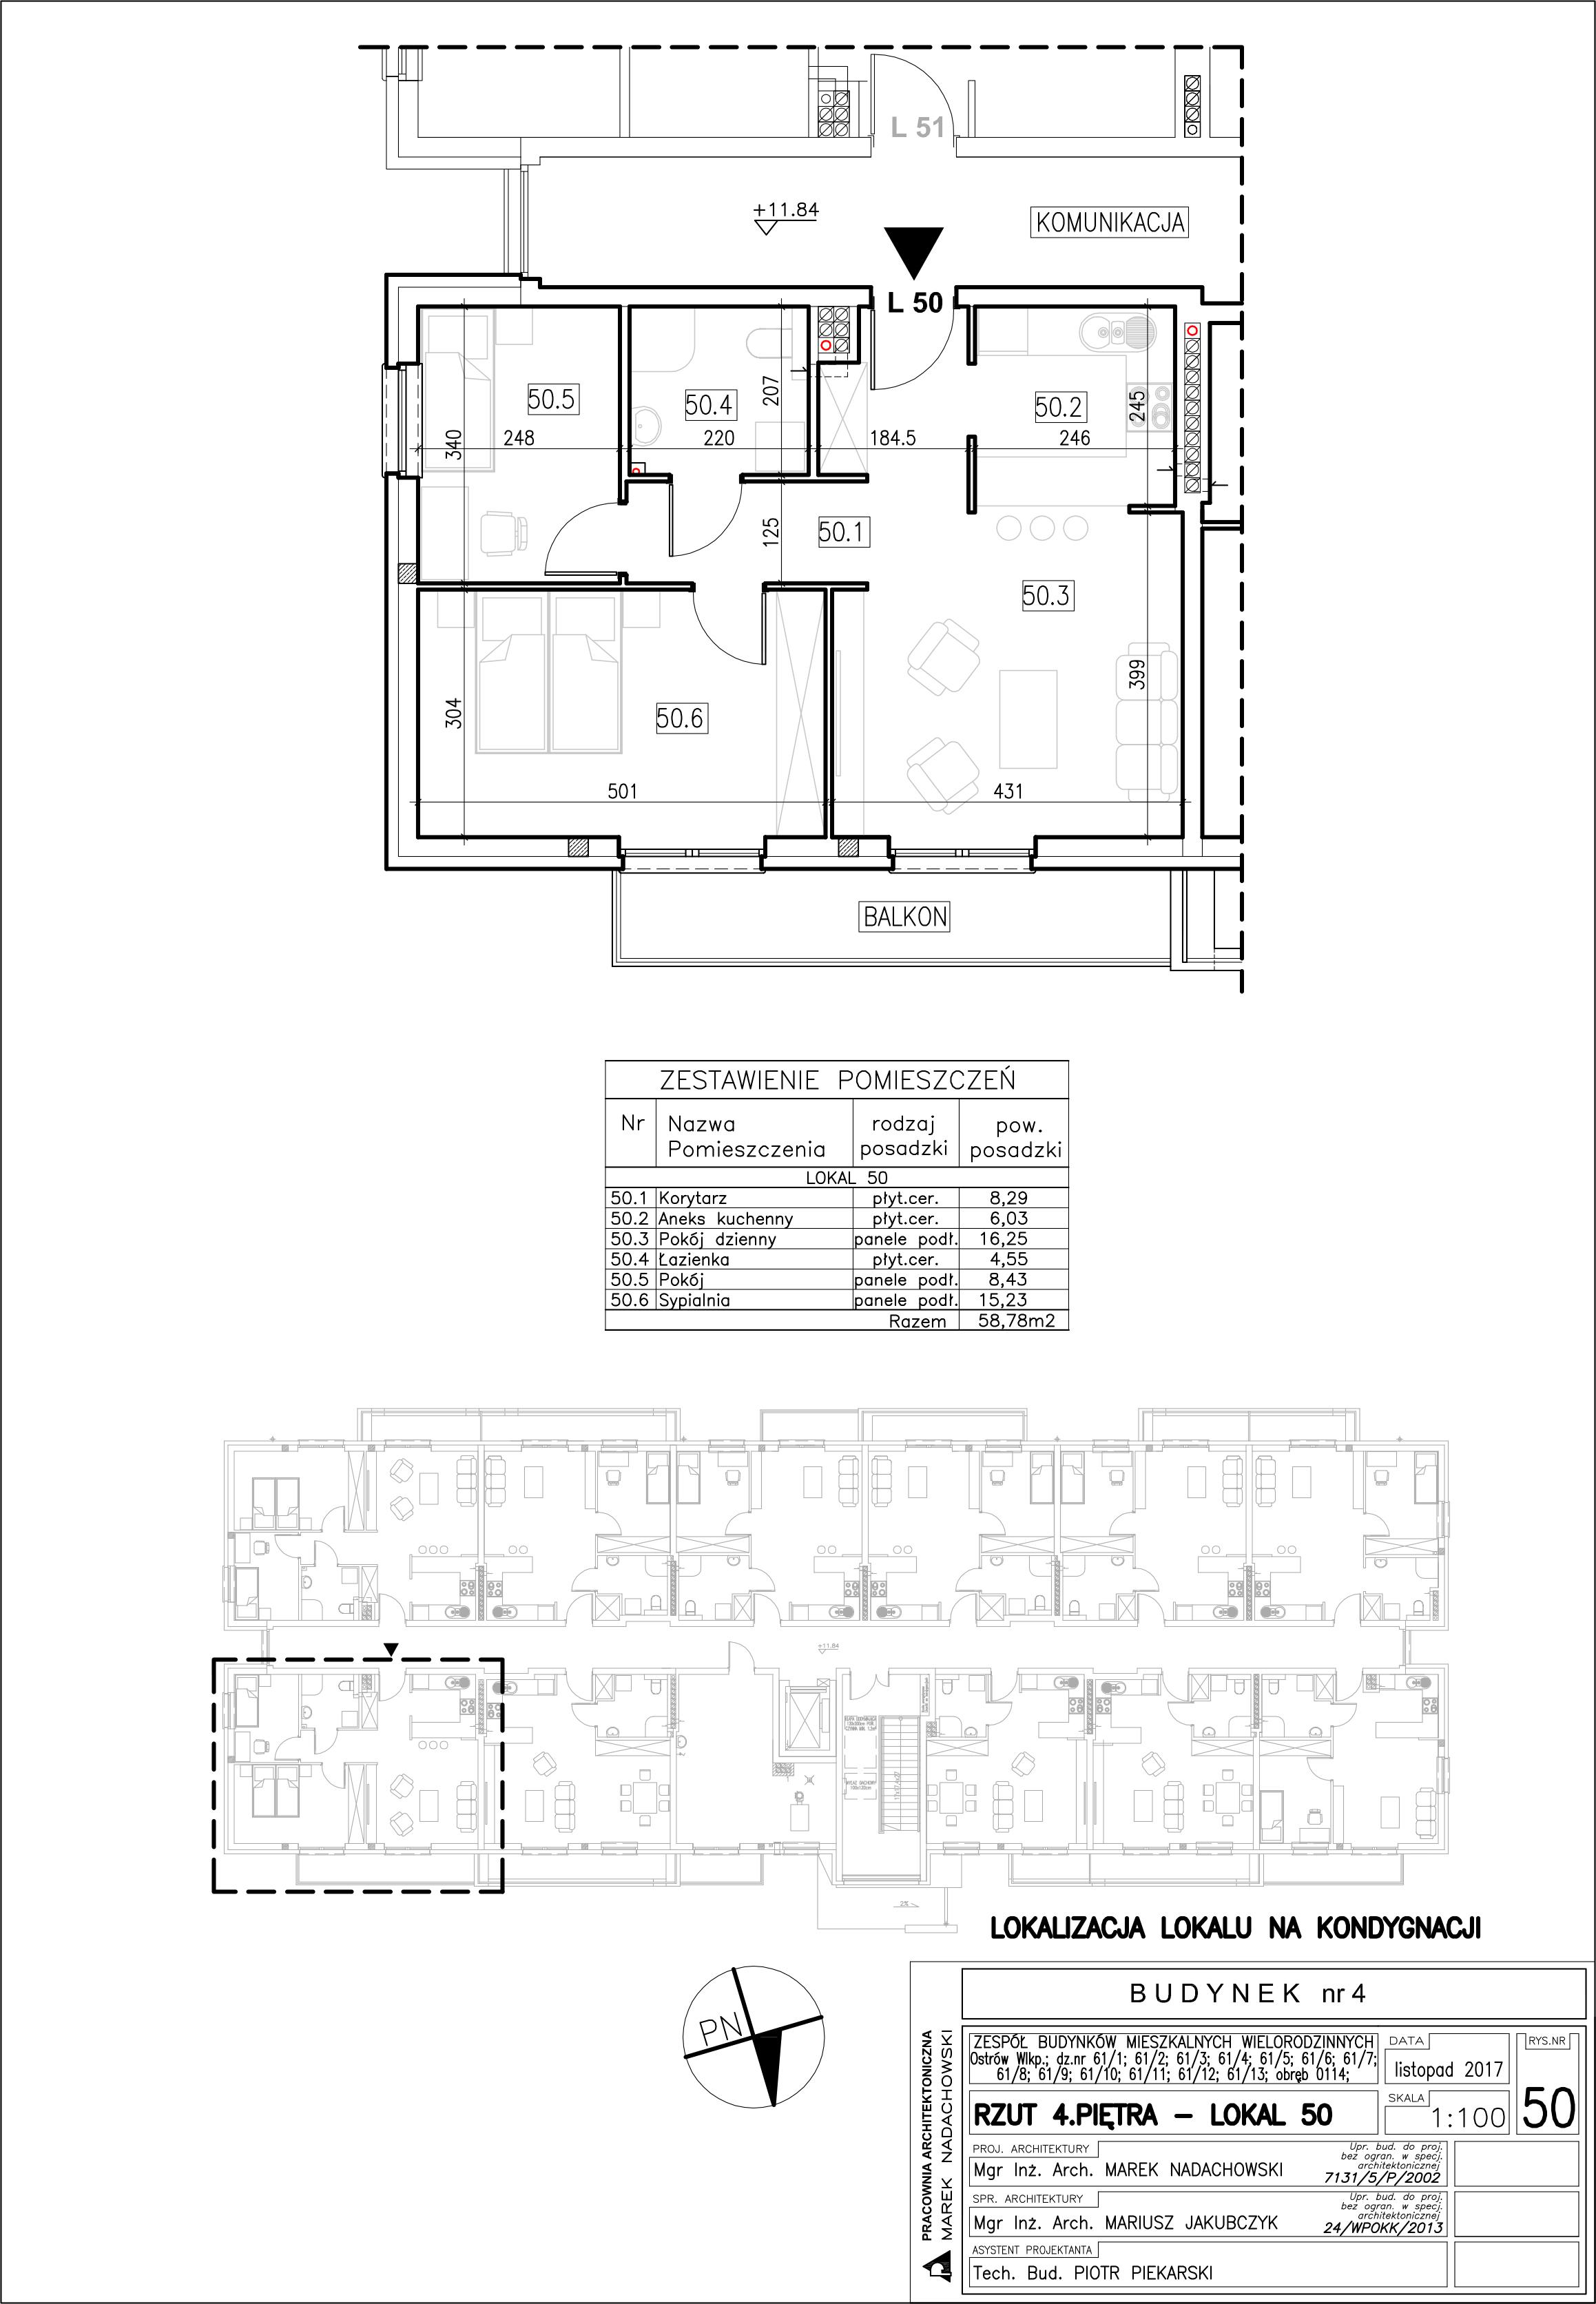 Lokal nr 50 Powierzchnia: 58,78 m2